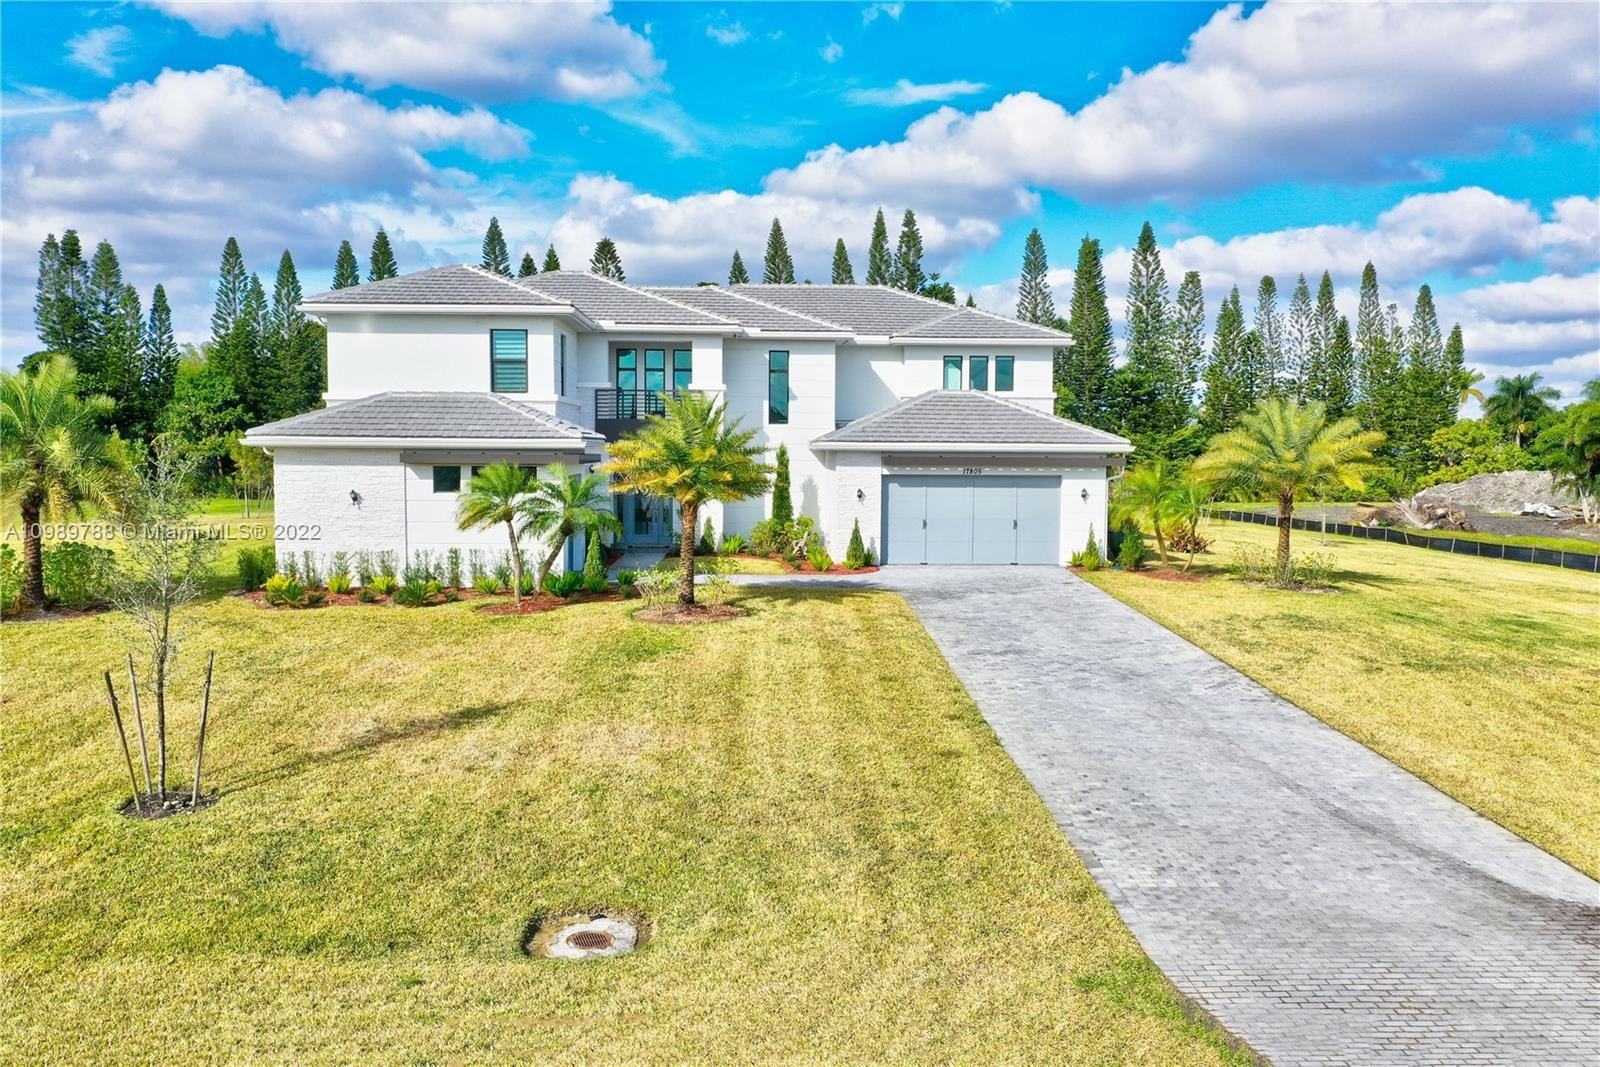 17805 Rolling Oaks Estates Dr, SouthWest Ranches, FL 33331 - #: A10989788